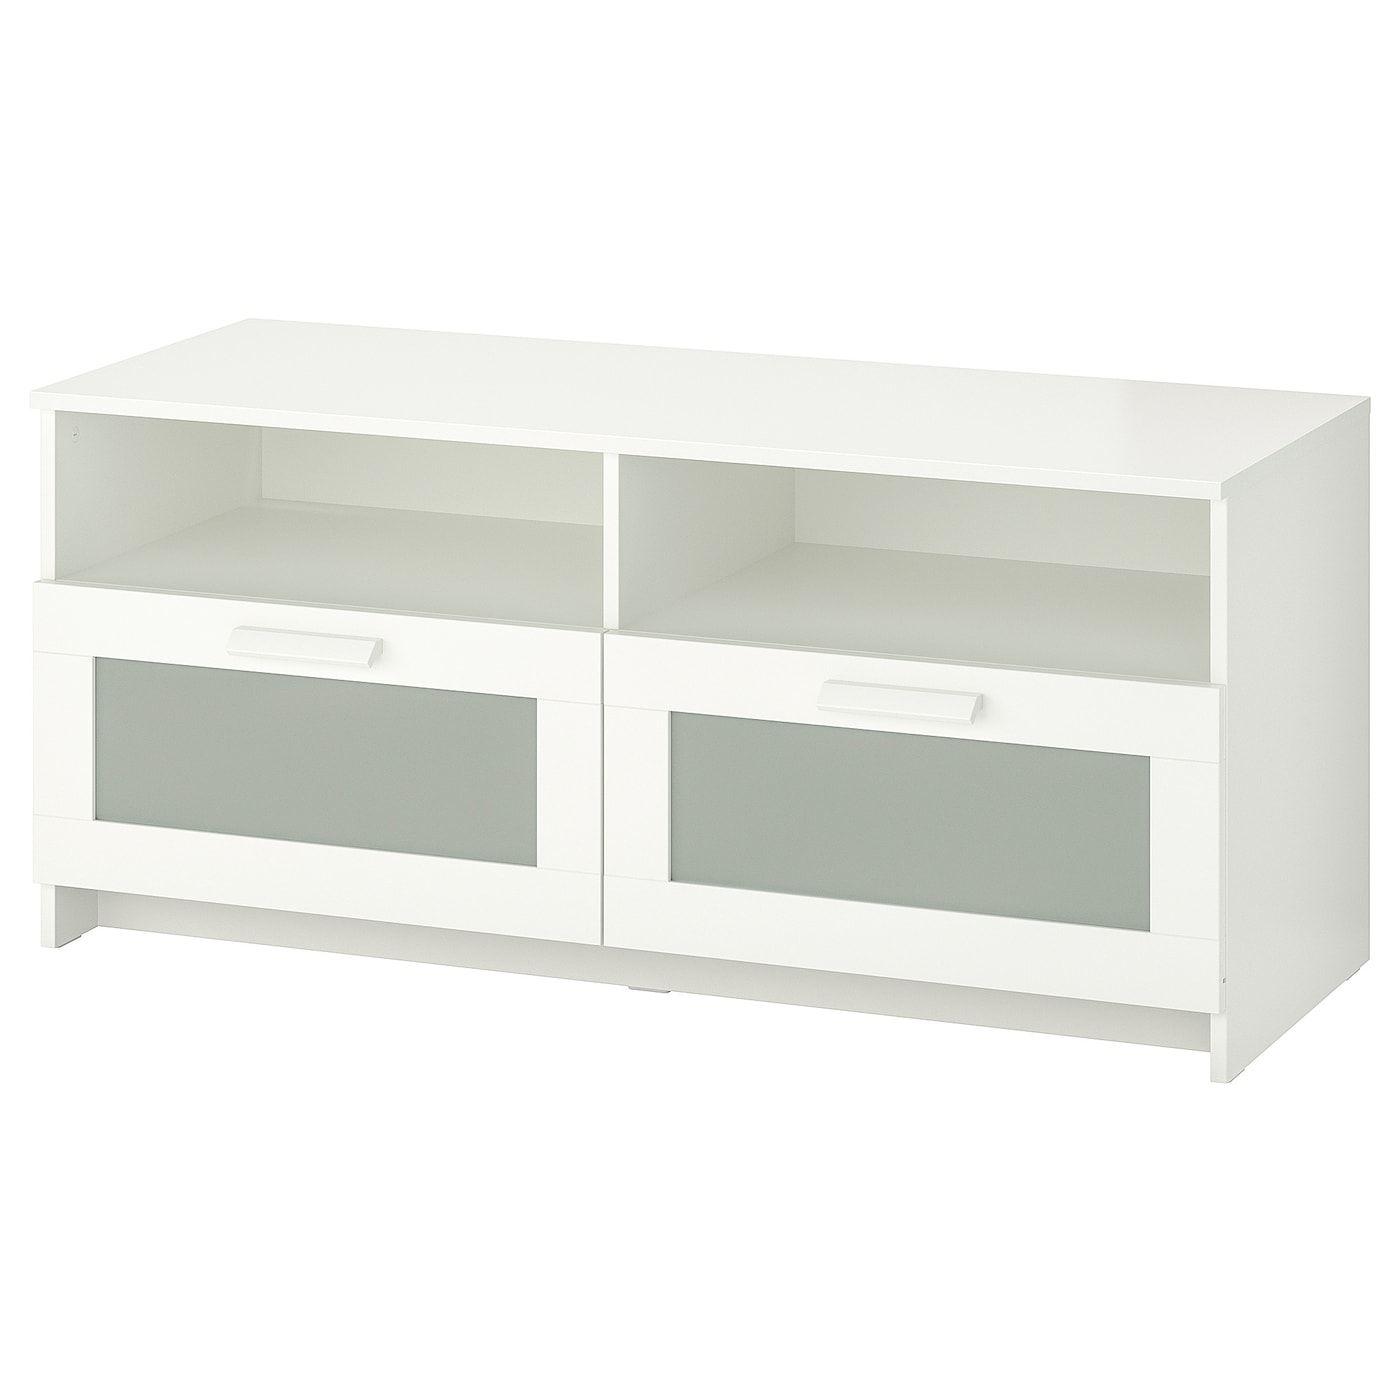 Brimnes Tv Unit White 47 1 4x16 1 8x20 7 8 Brimnes Tv Unit Ikea